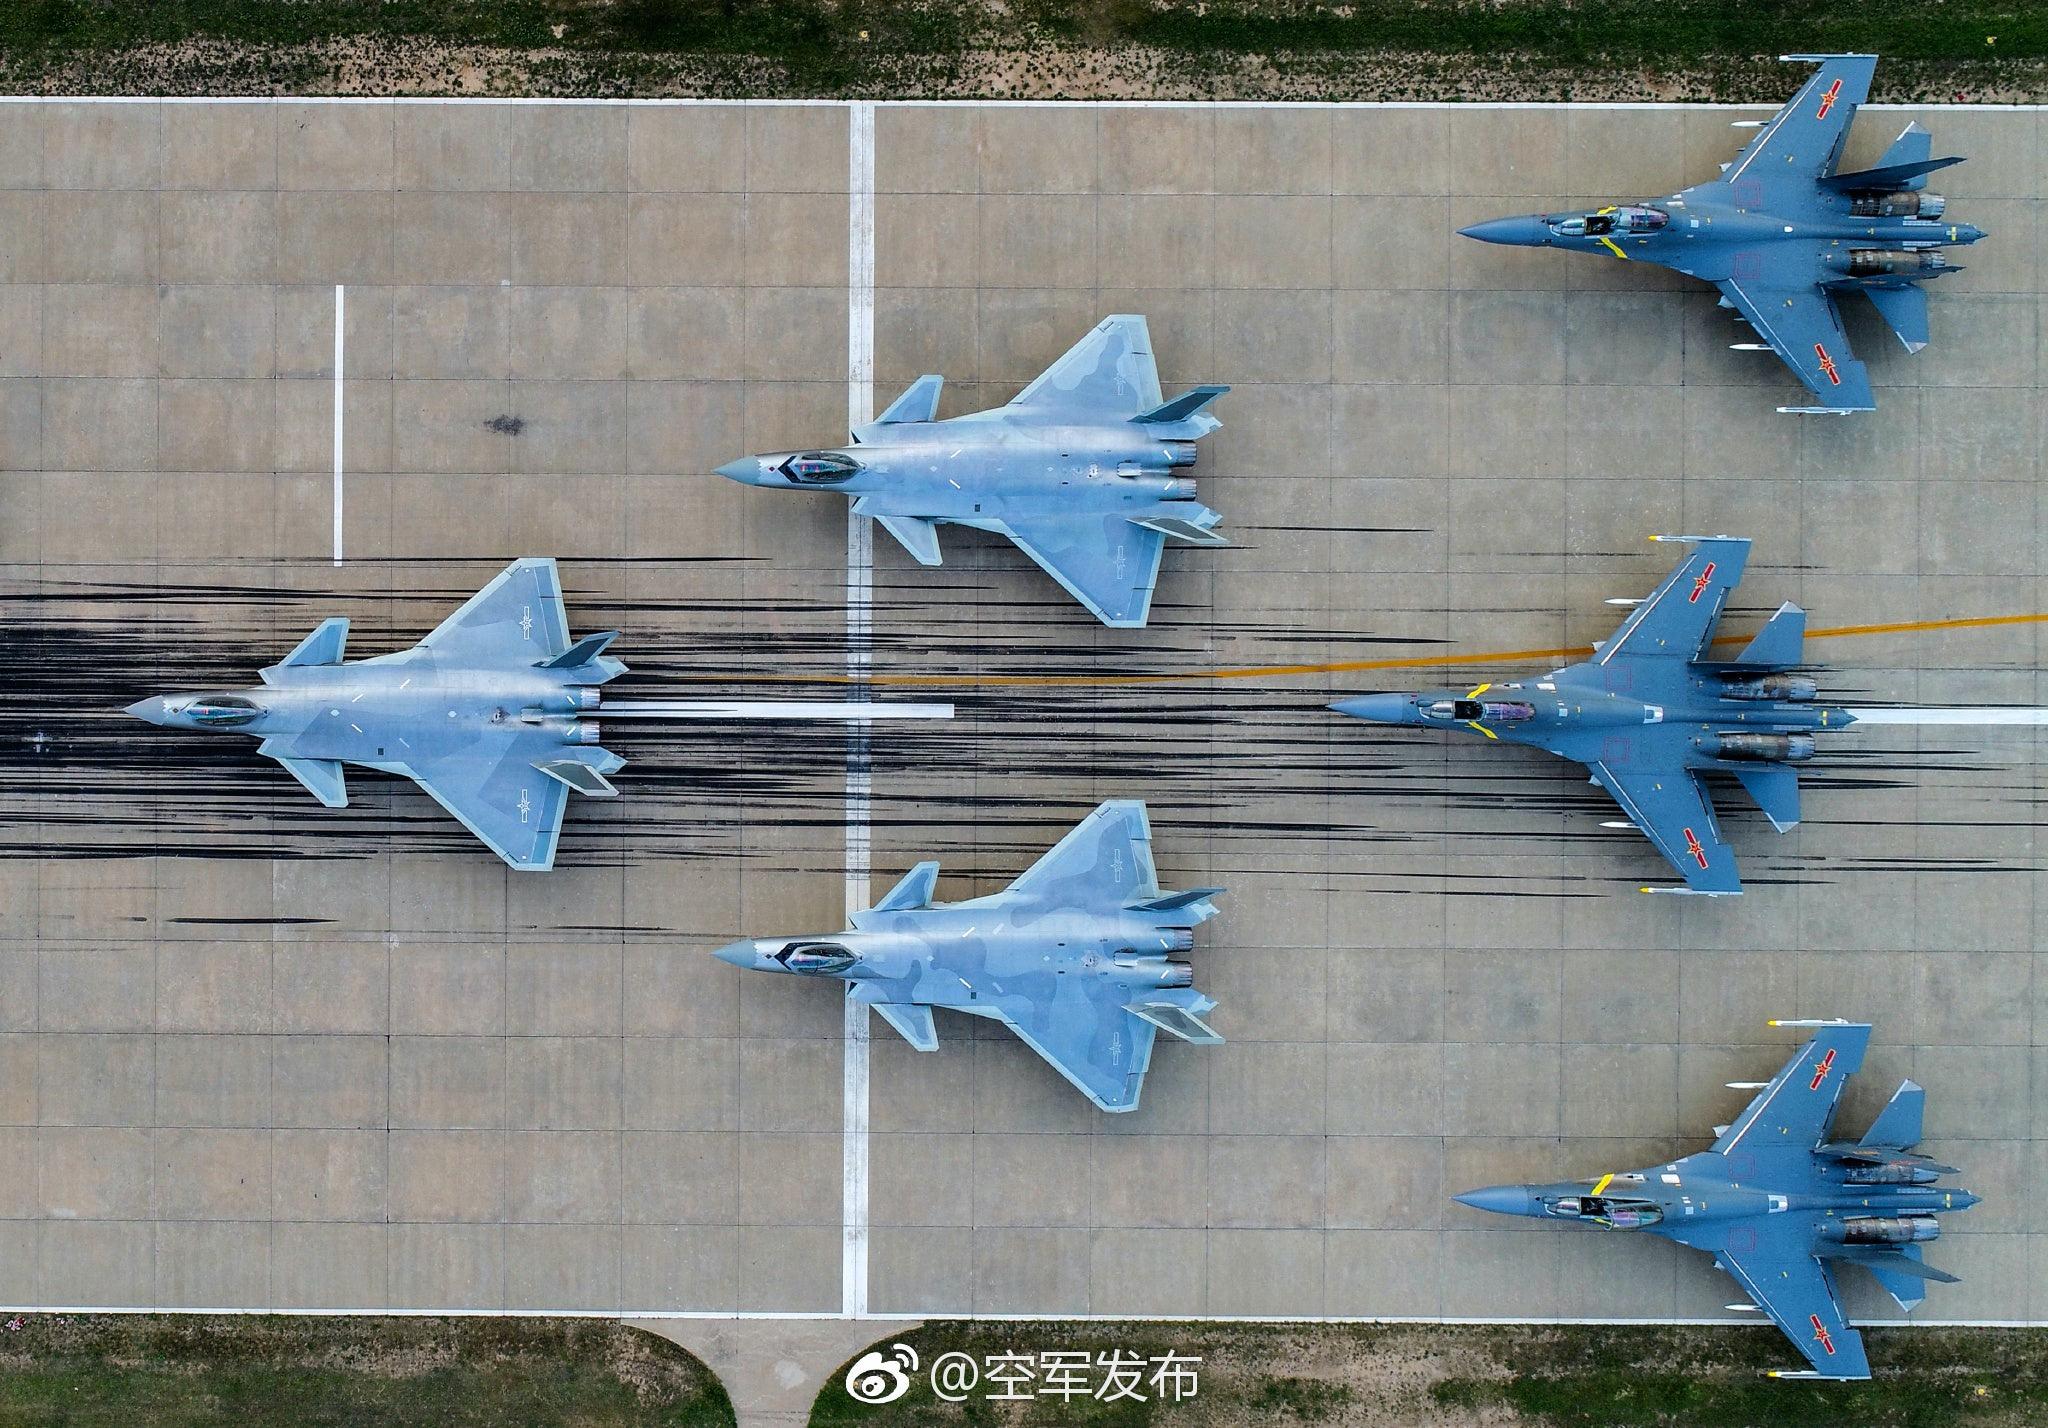 中国手中的牌多俄罗斯的牌少,中国能对抗的复杂环境比俄罗斯更多